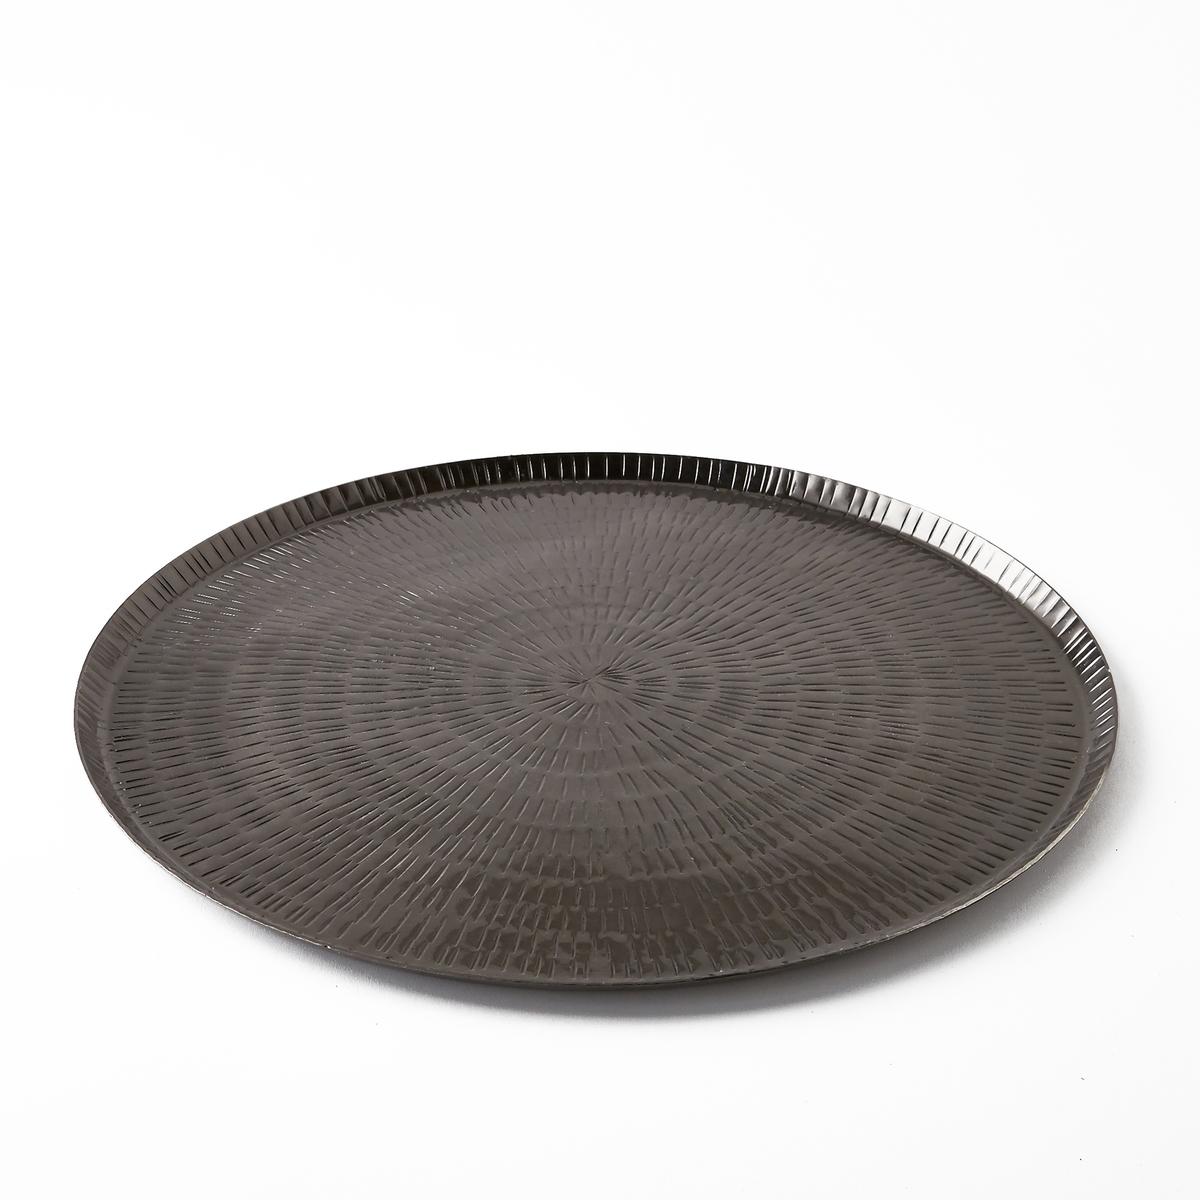 Поднос металлический кованый Sahani, диаметр 35 см от La Redoute